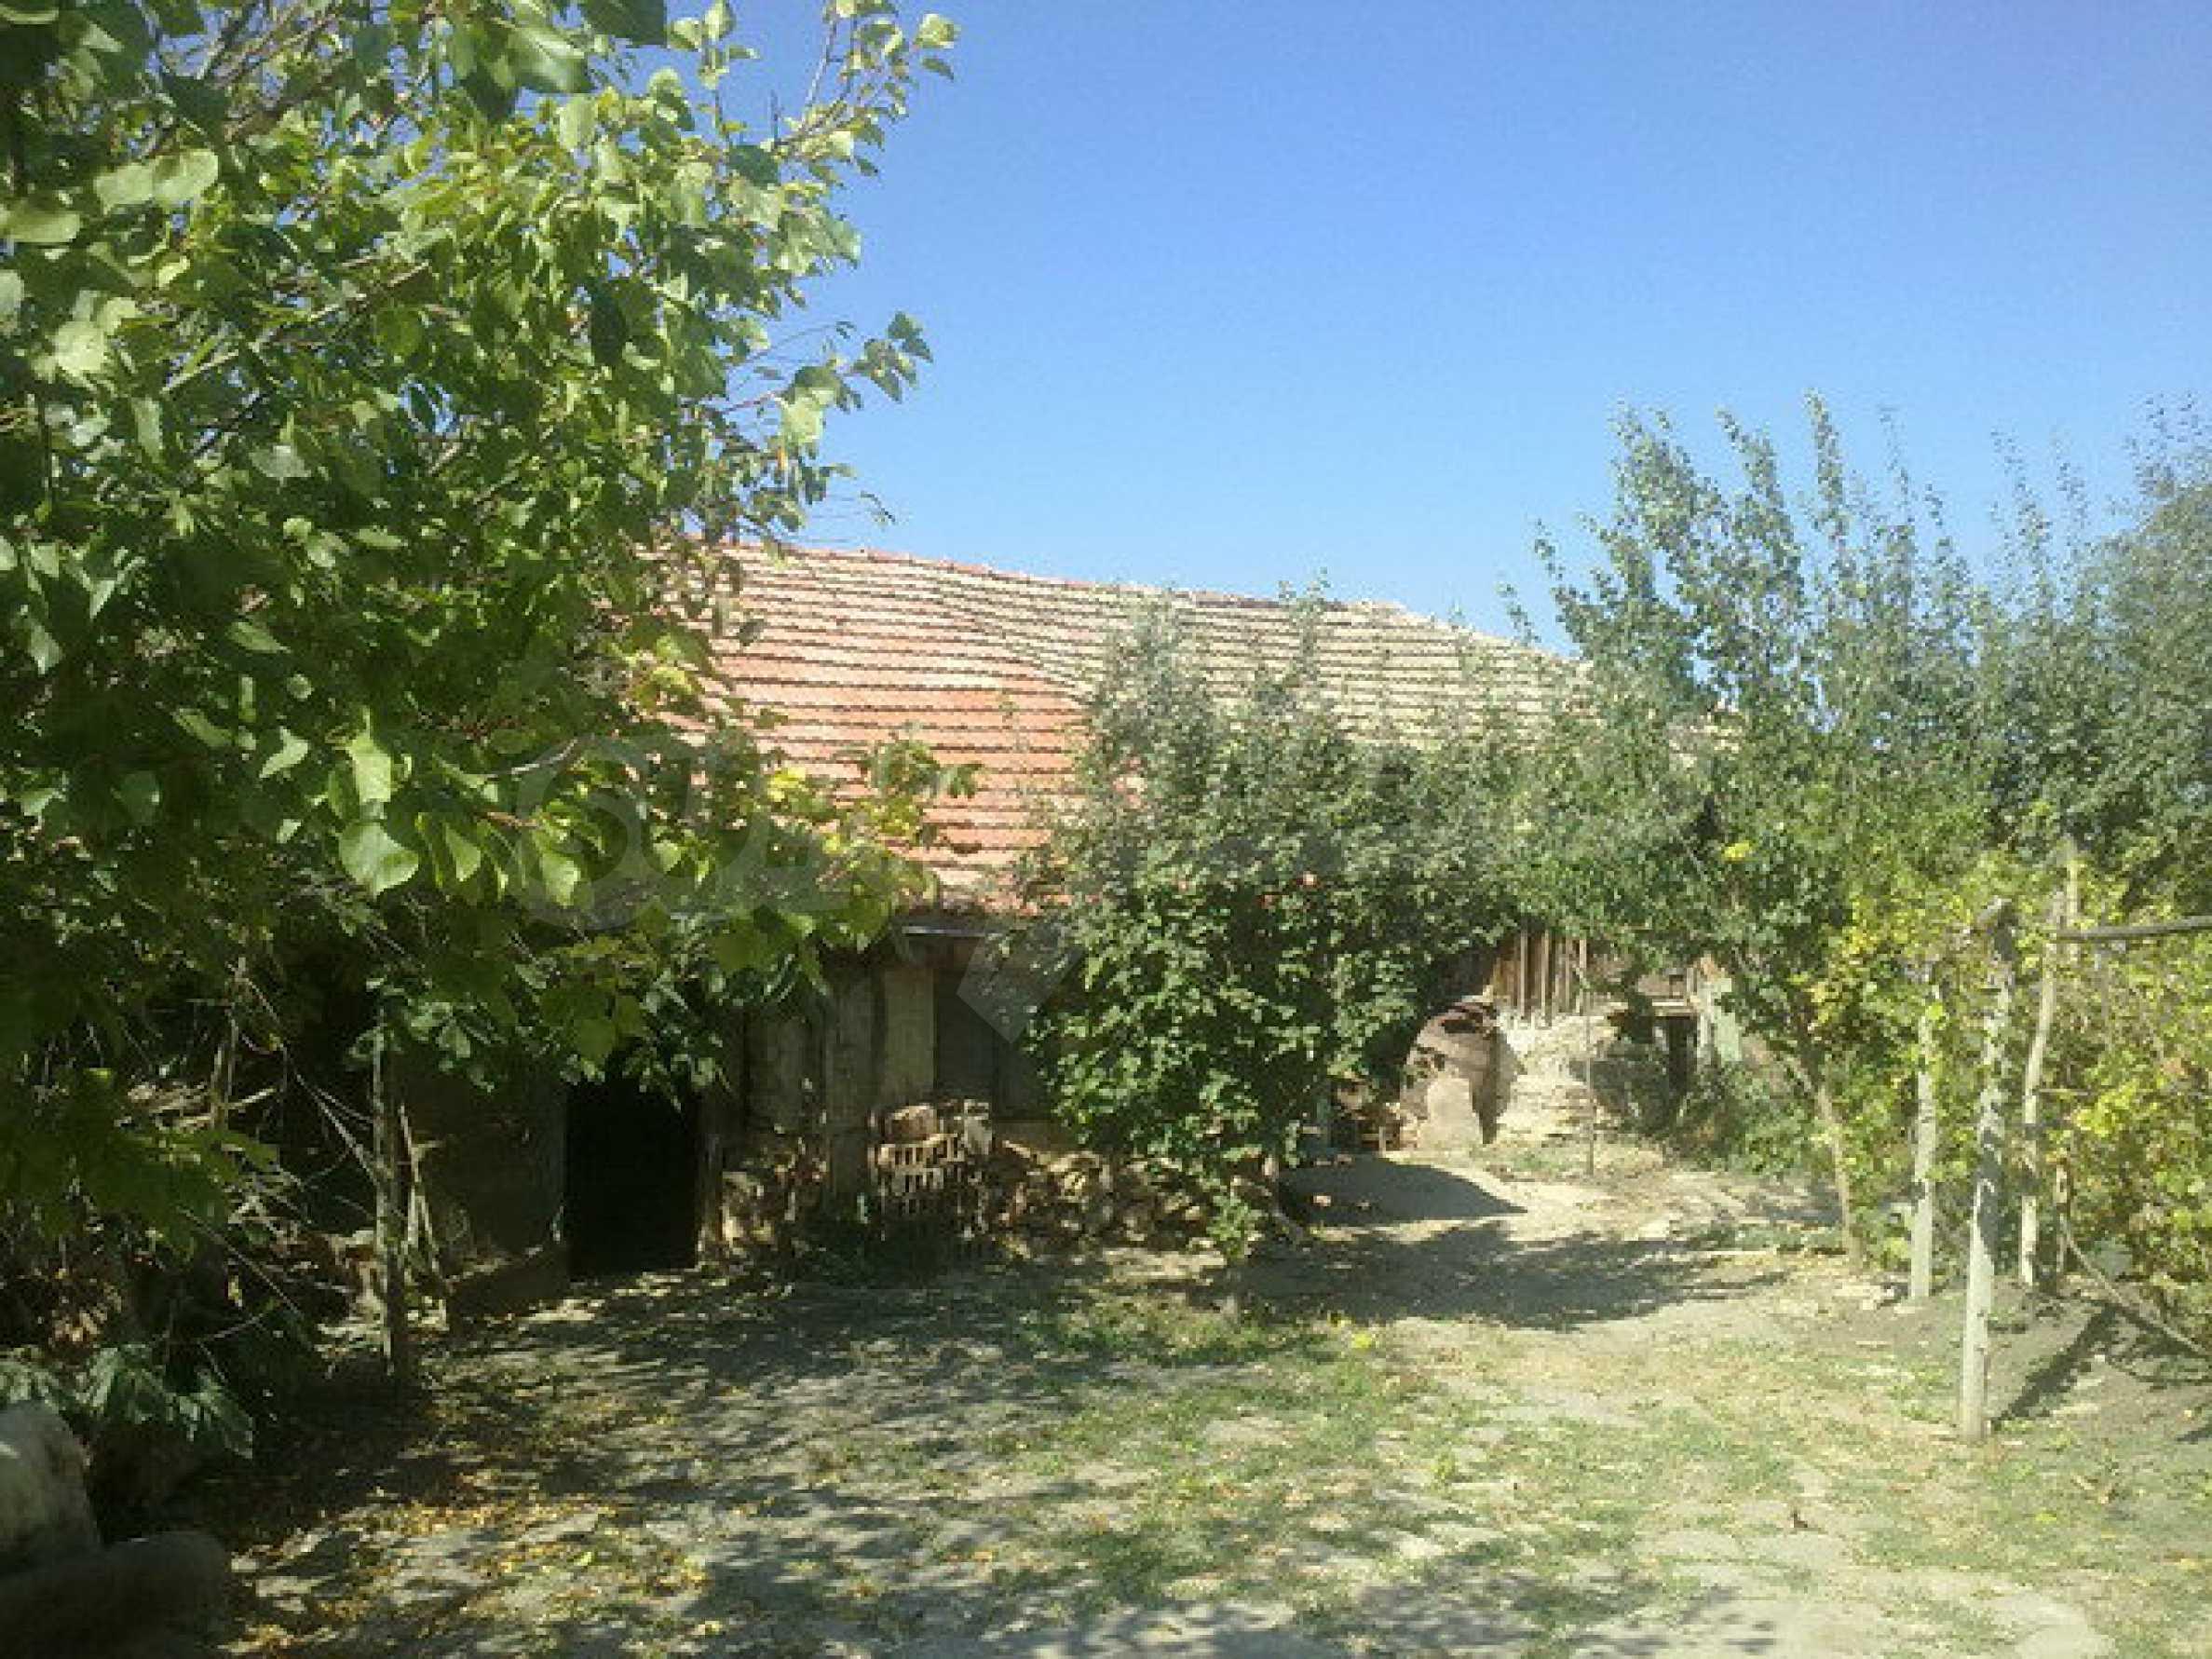 Schönes Haus in einem großen Dorf 1